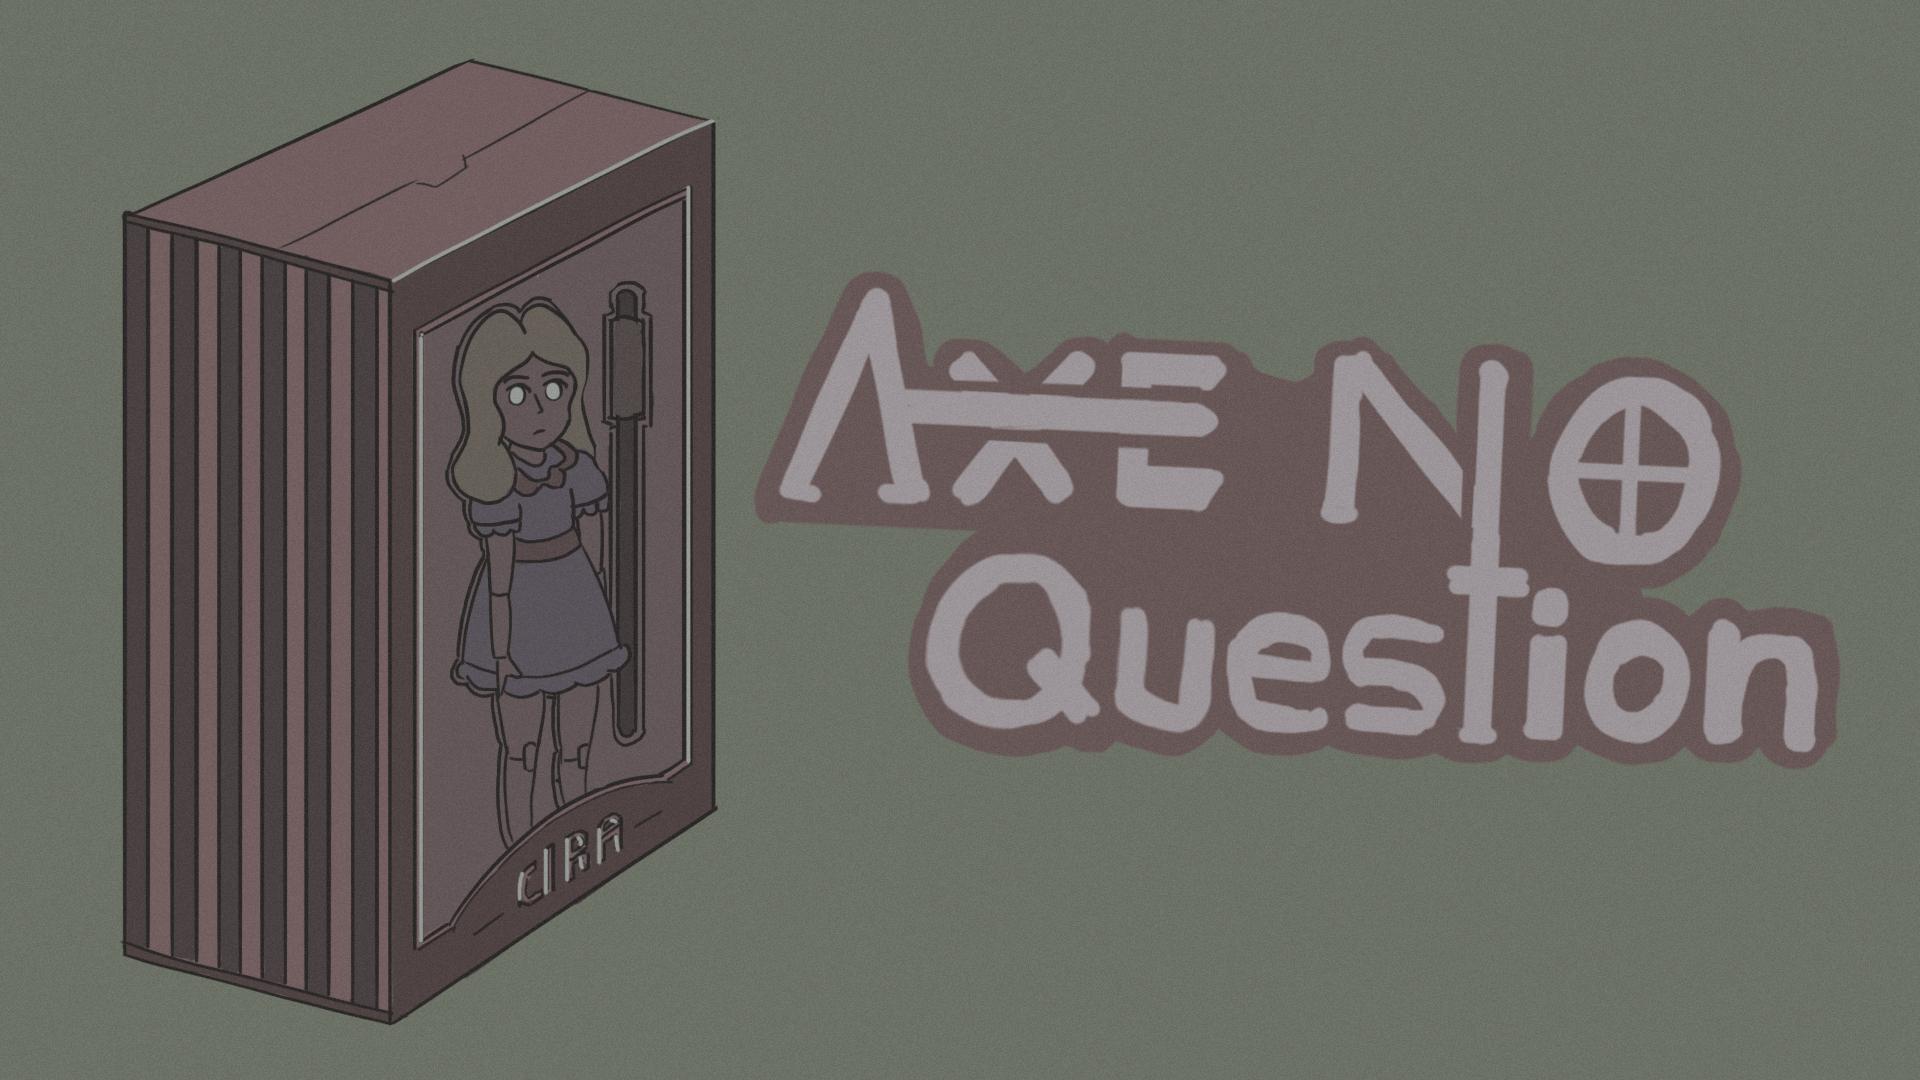 AXE NO QUESTION